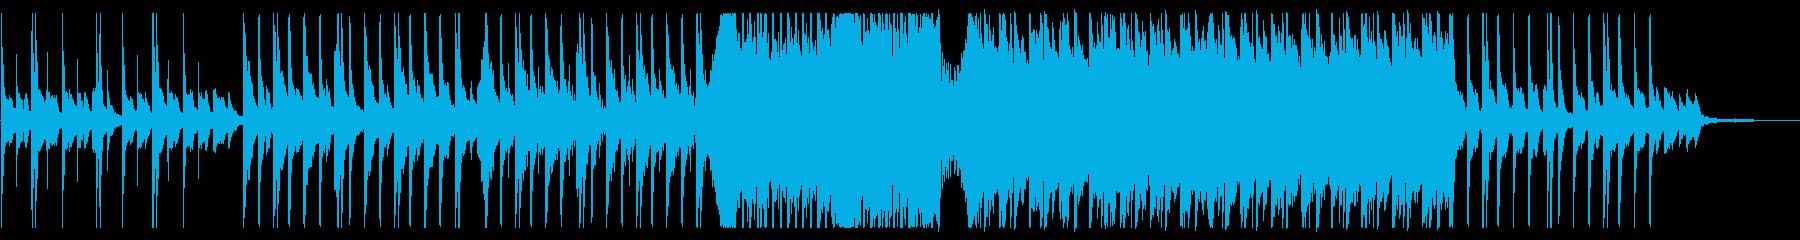 企業VP 切なく壮大に盛り上がるピアノ曲の再生済みの波形